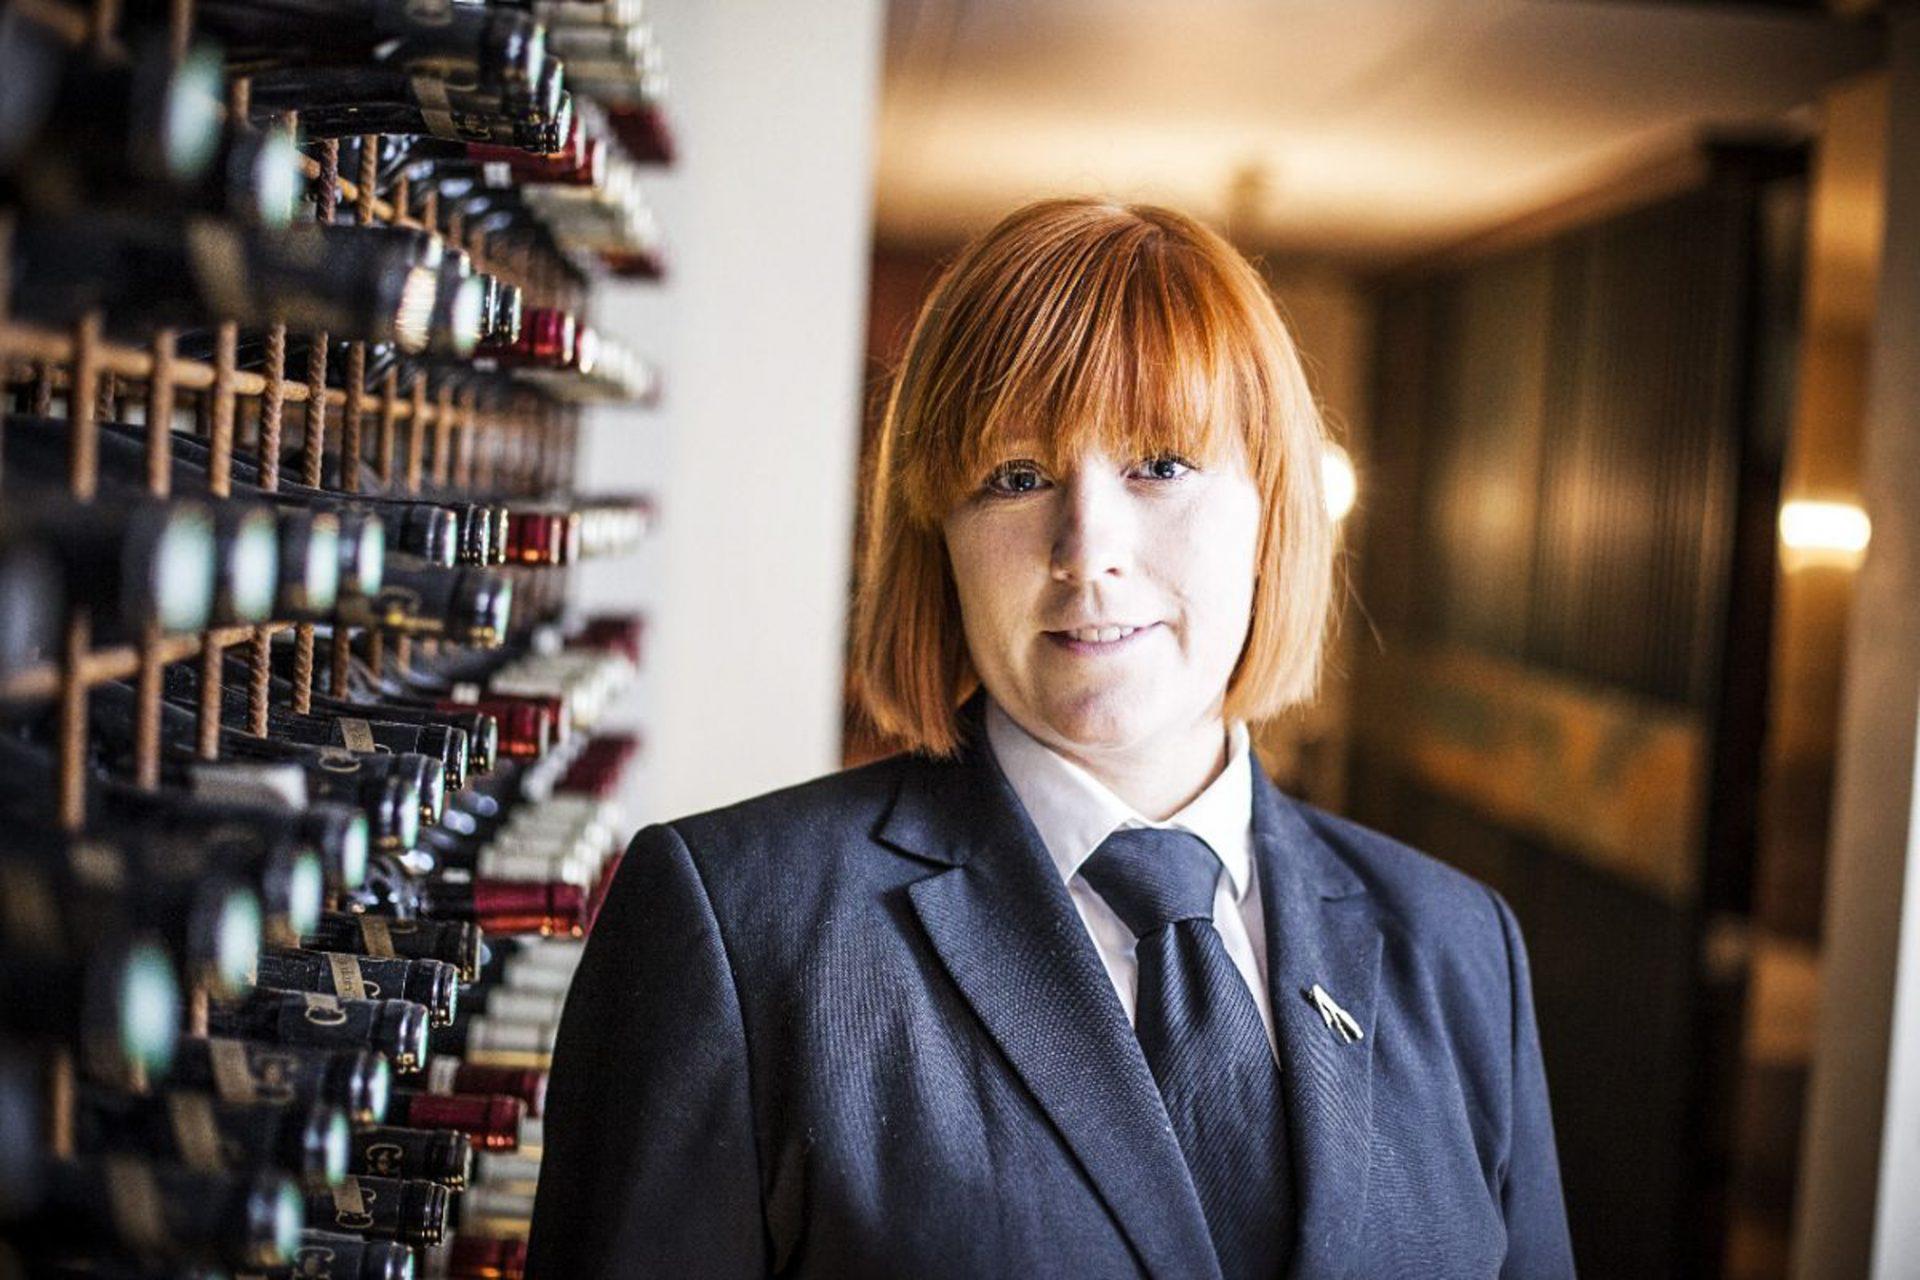 Cappa Vin i Risskov: Aarhusiansk mester-sommelier skal promovere økovin